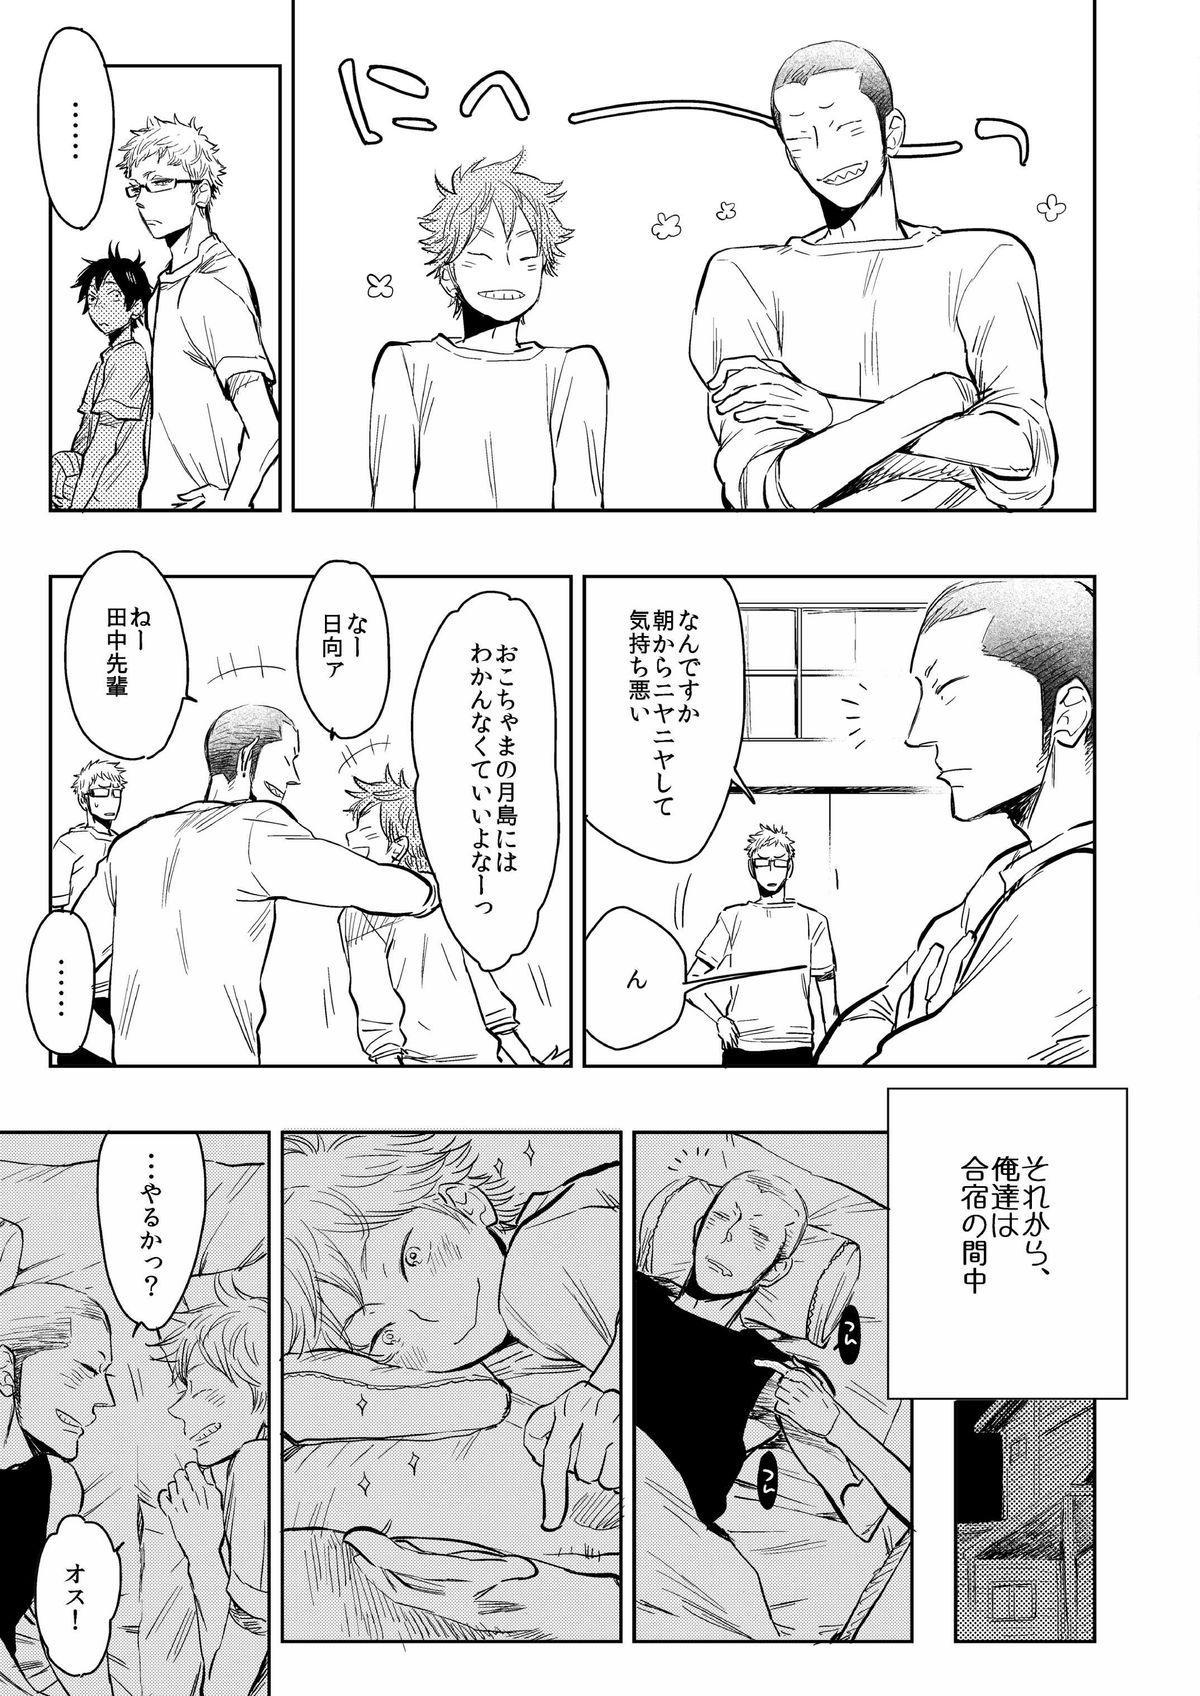 Saisho no, Naisho no. + Natsunokedamono 17